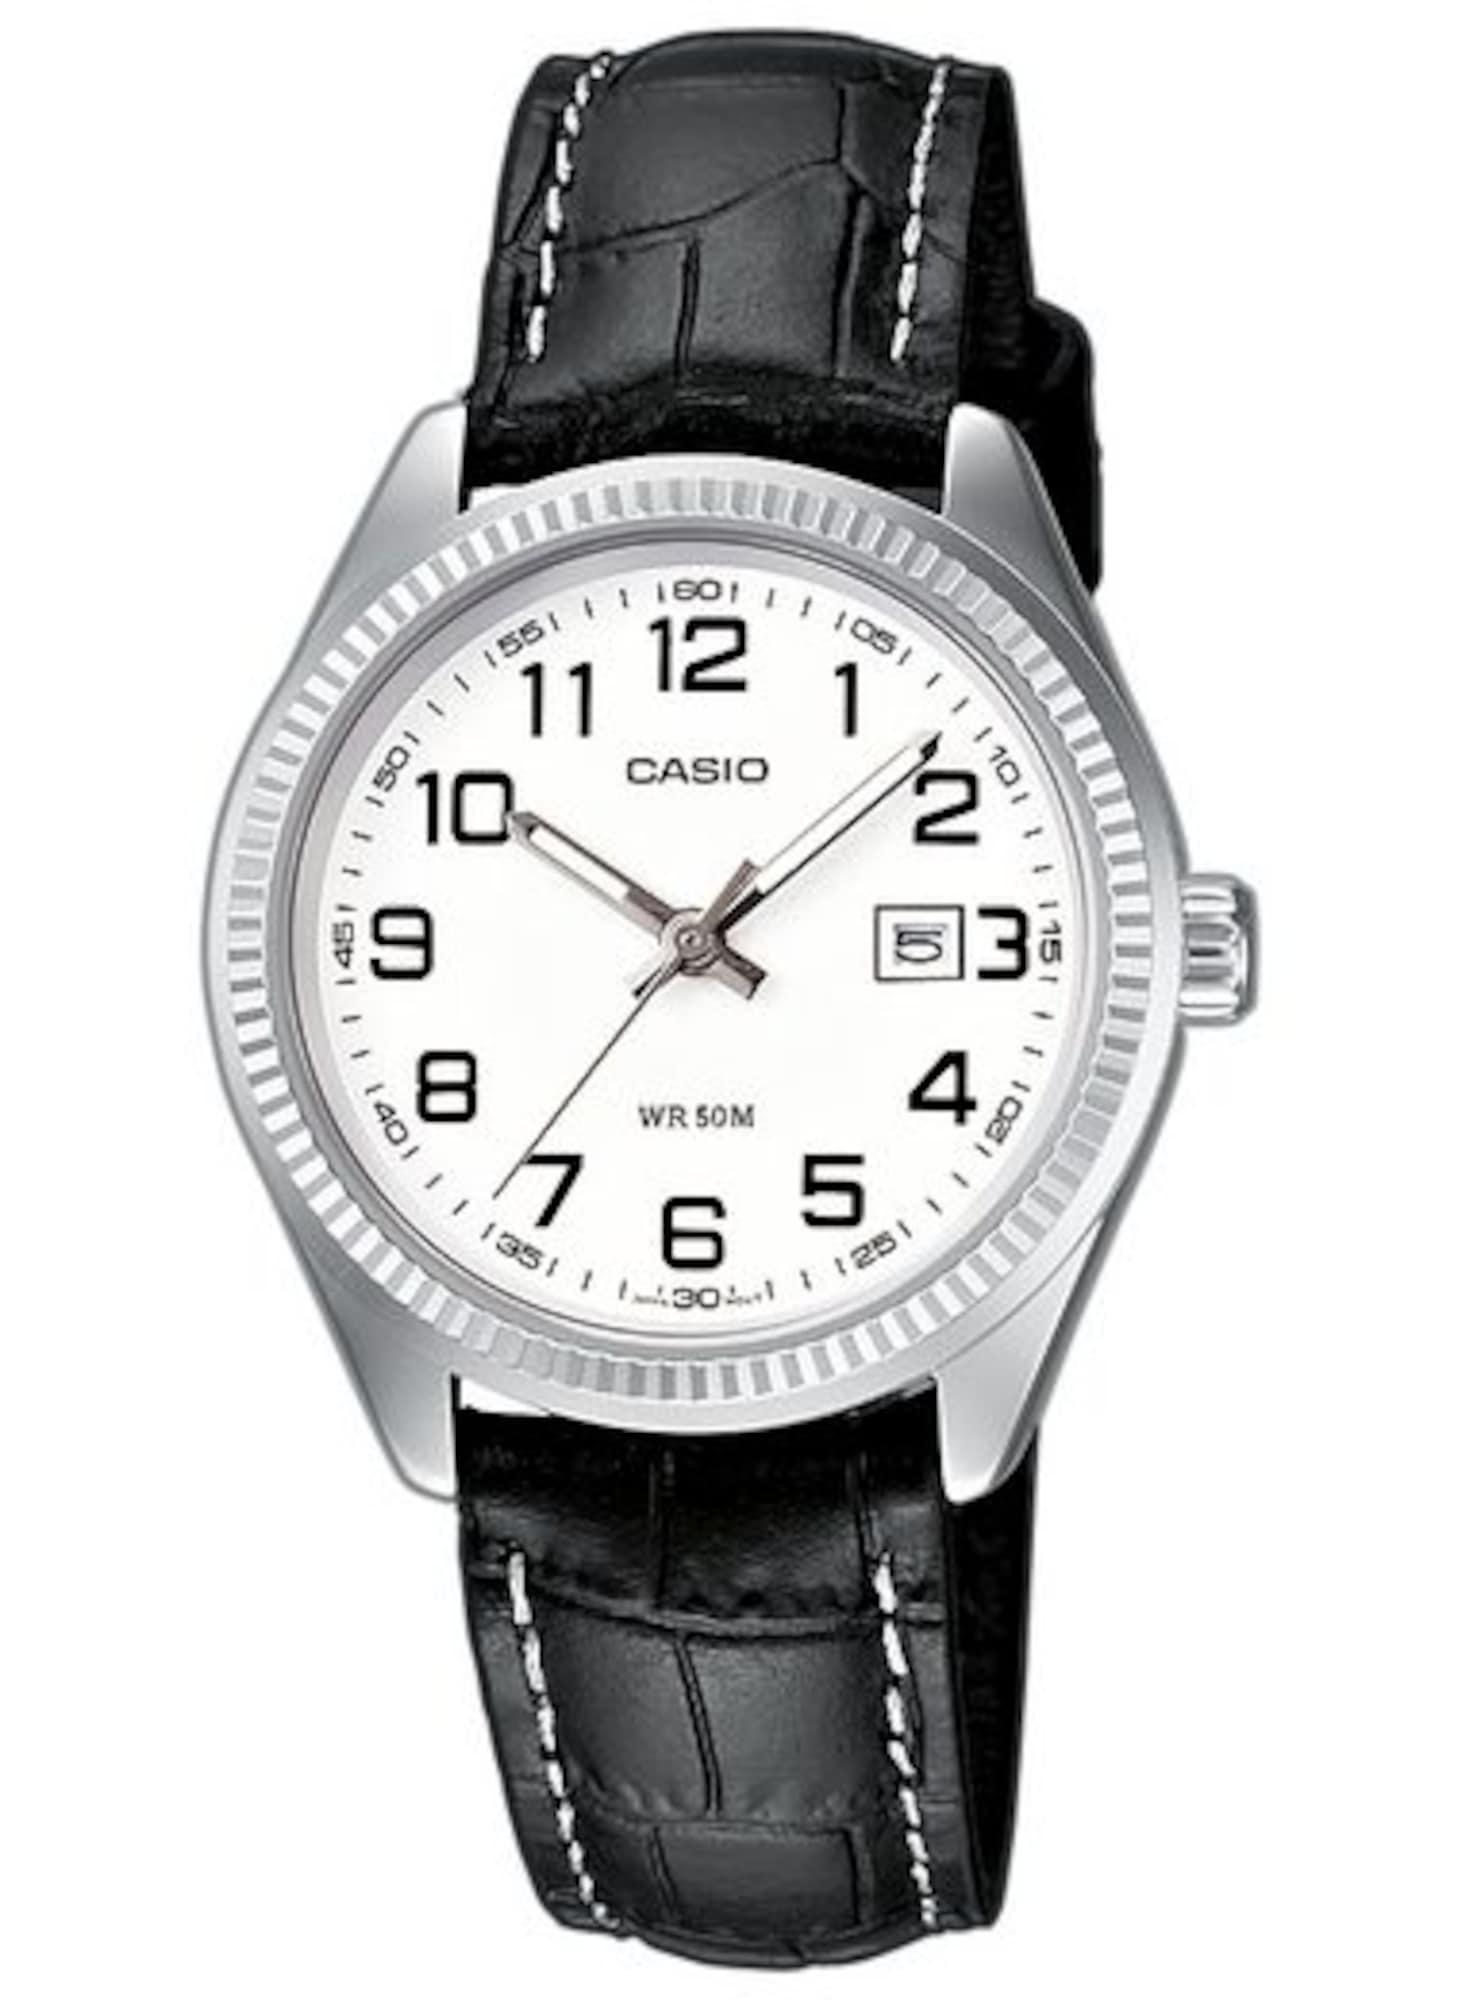 Armbanduhr | Uhren > Sonstige Armbanduhren | Schwarz - Silber - Weiß | Casio